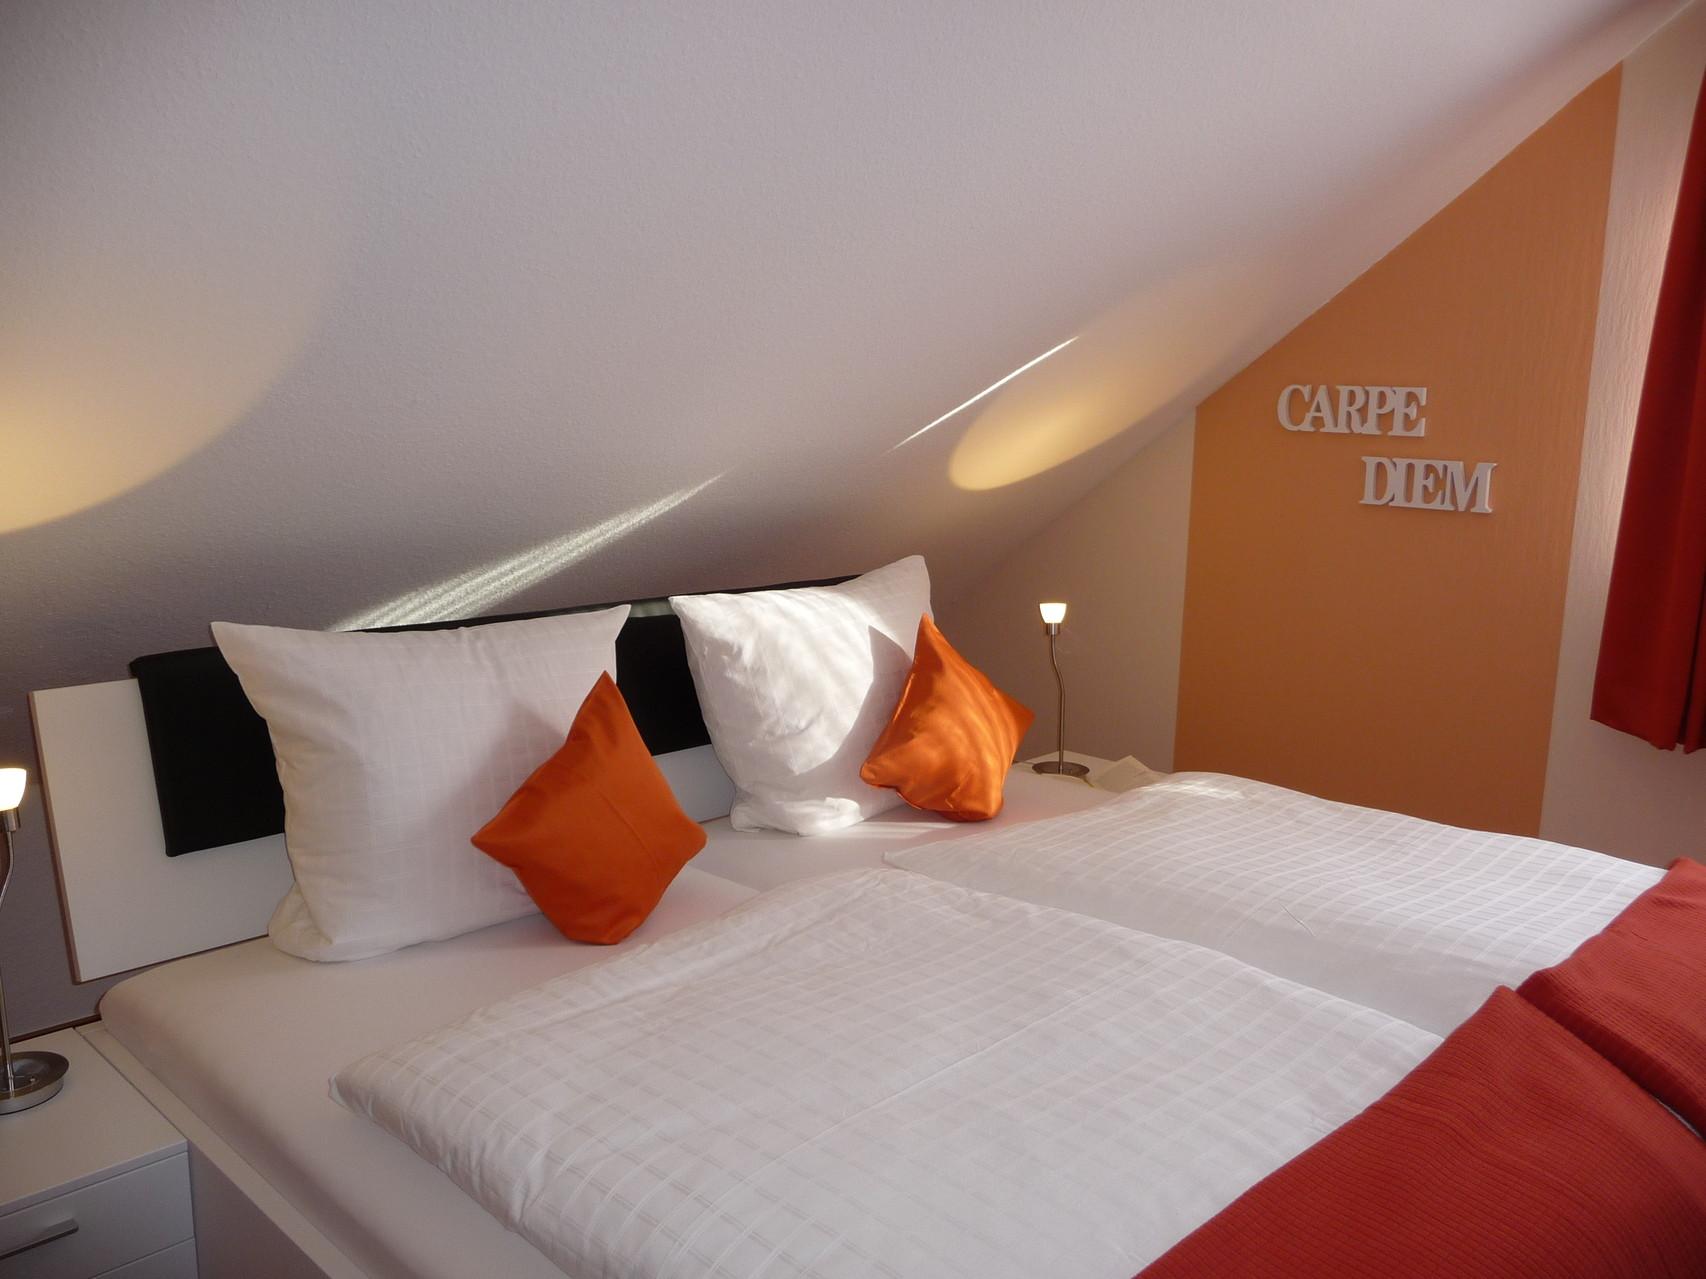 Standard Zimmer 3 - Wohlfühlen in Orange - Energie, Freude und Wärme!